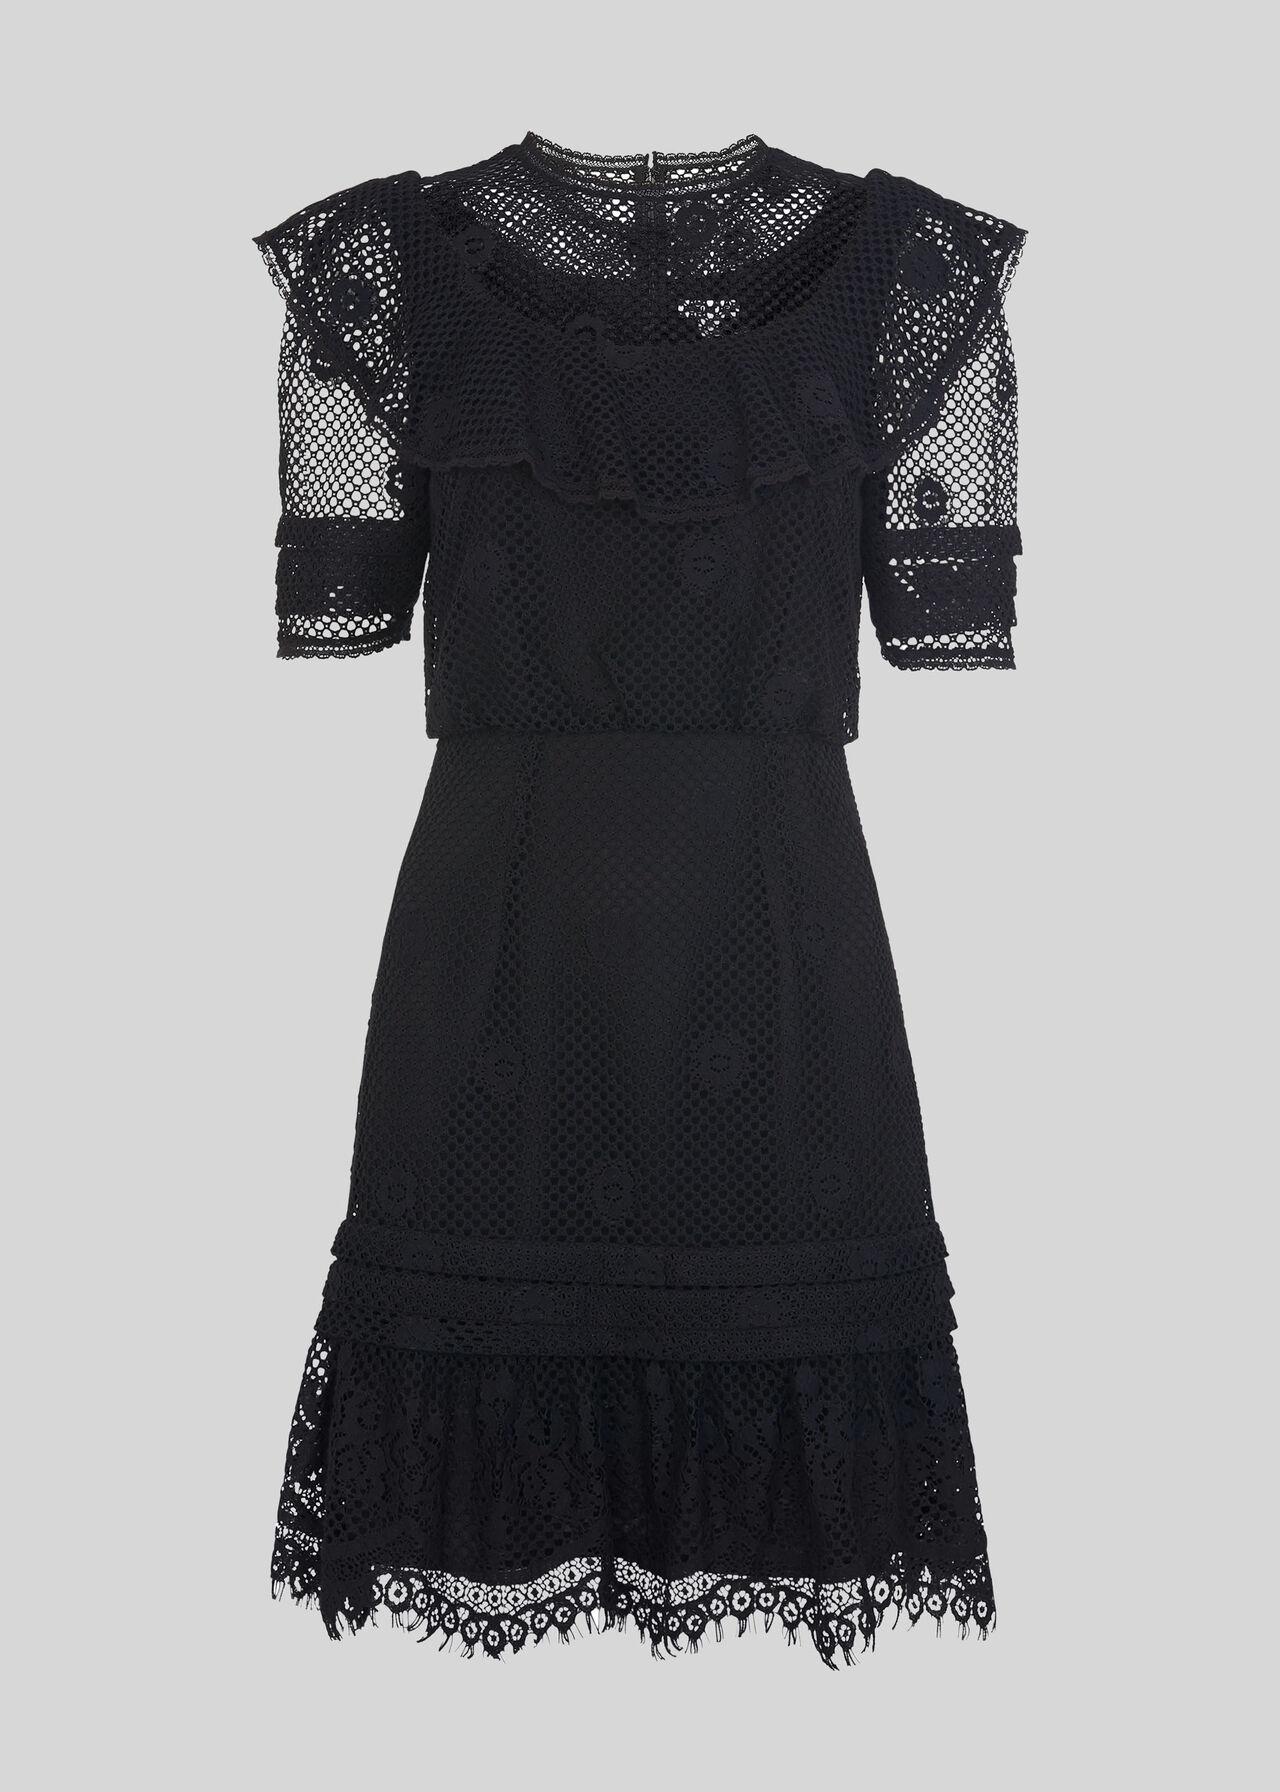 Mariah Lace Ruffle Dress Black